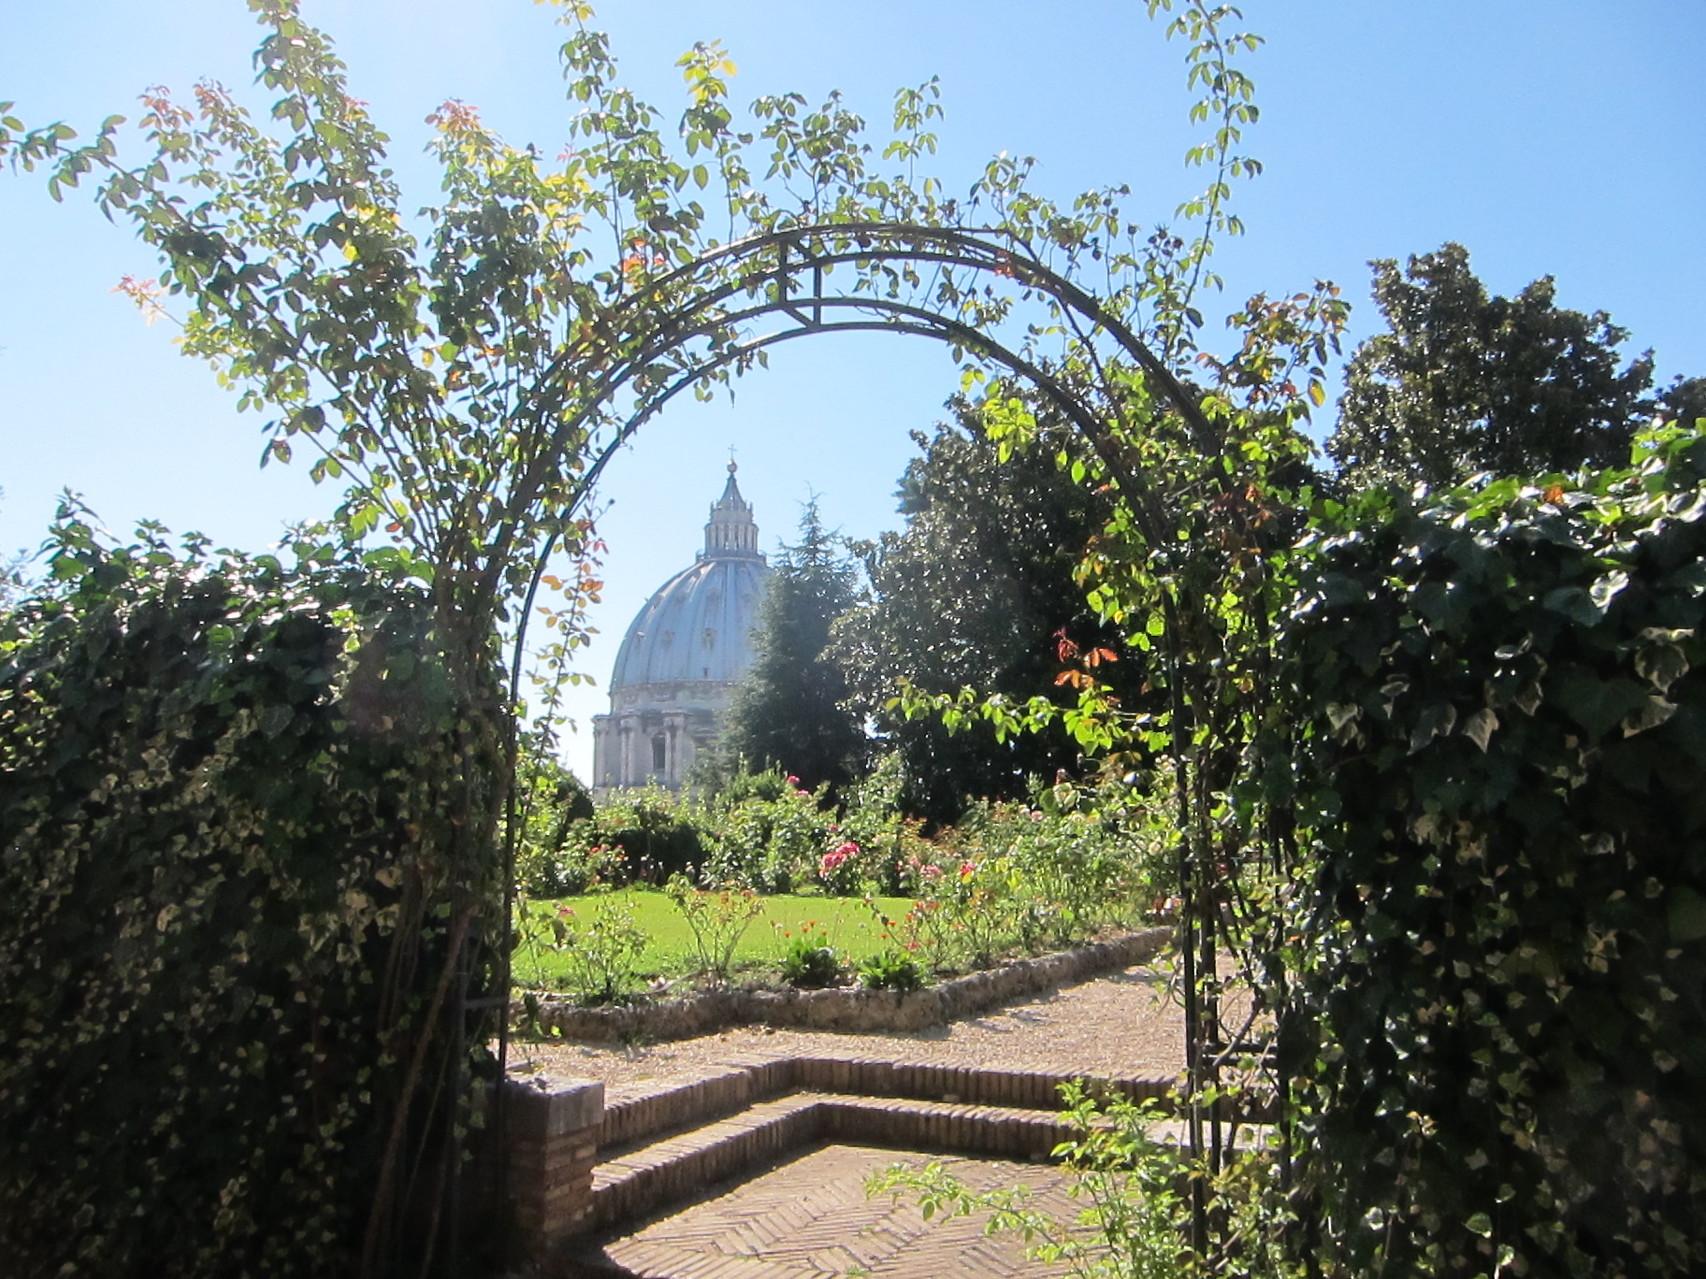 バチカンの手入れされた庭園です。